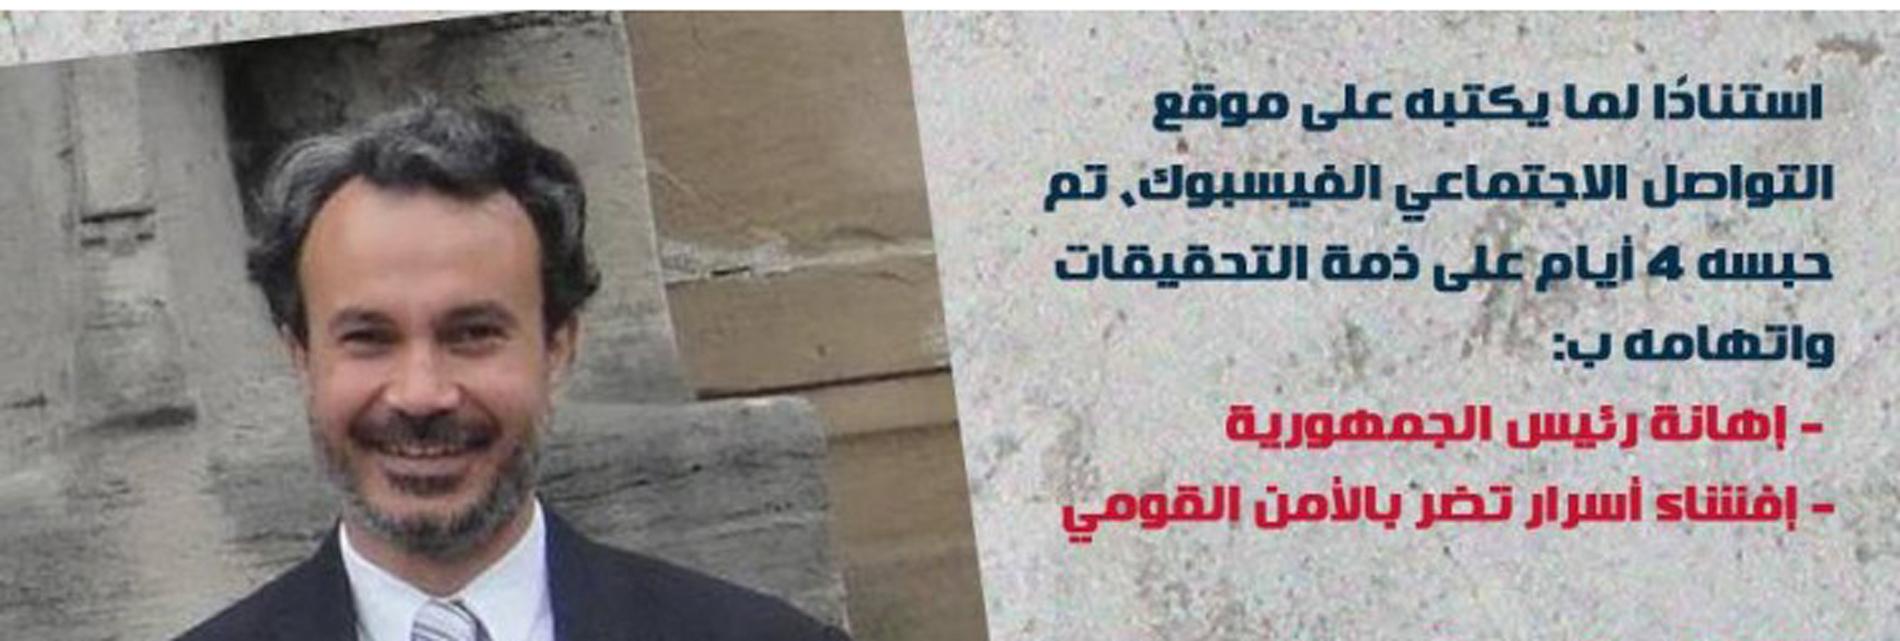 النقابي محمود ريحان